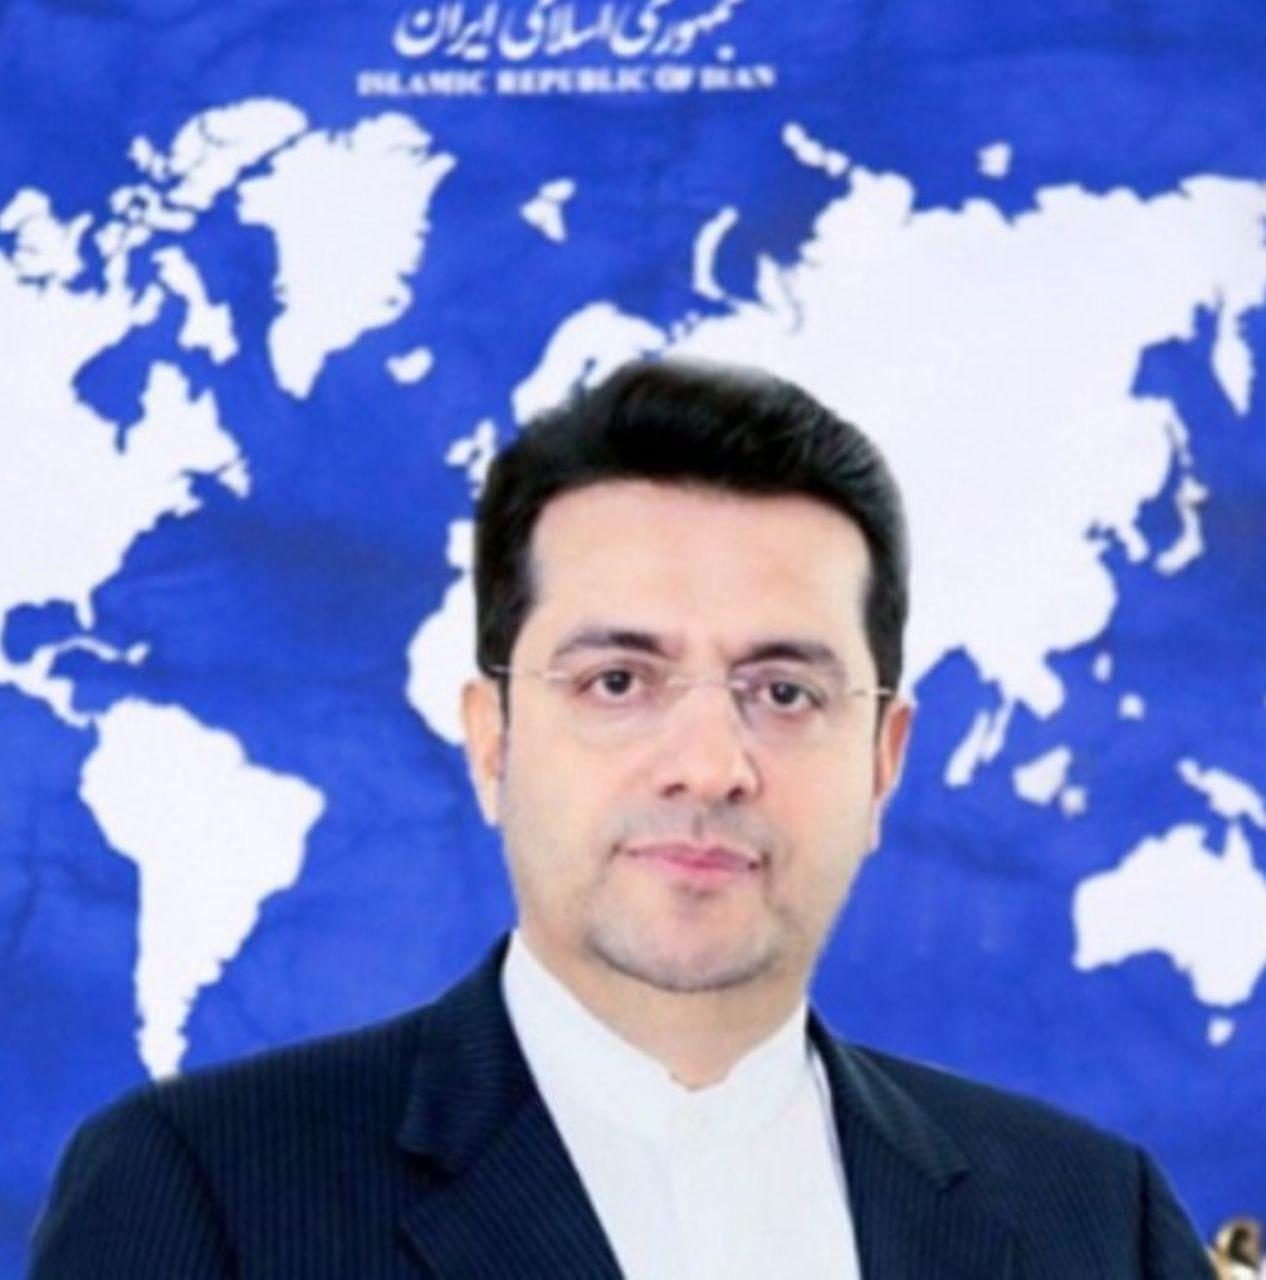 تکذیب ادعای گفتوگوی «مستقیم و غیرمستقیم» ایران و آمریکا